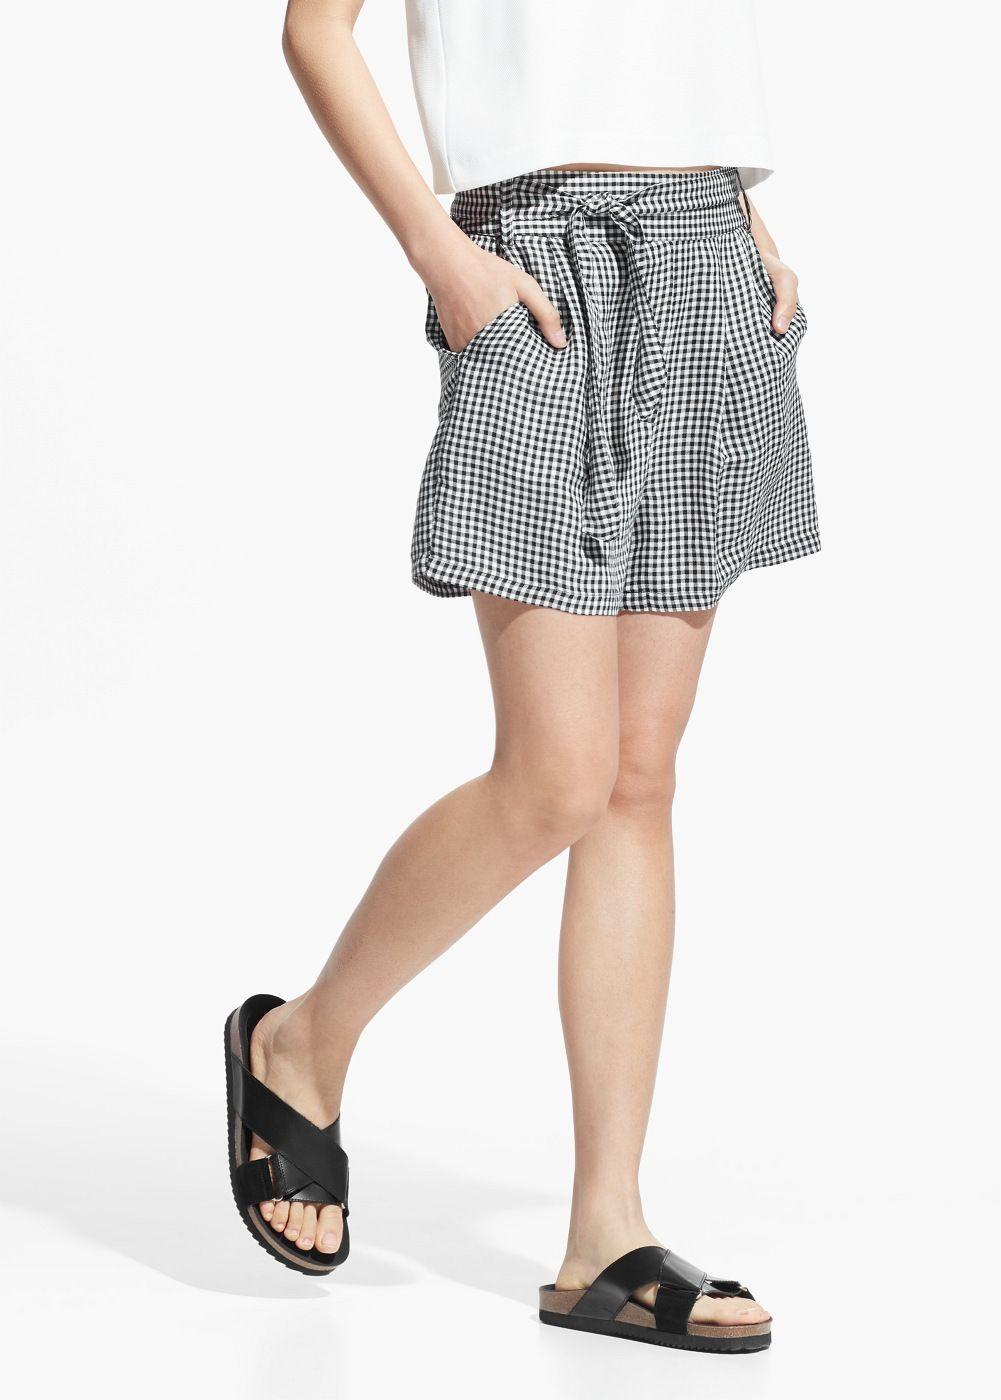 Bermudashorts mit vichy-karo - Shorts für Damen | OUTLET Deutschland ...